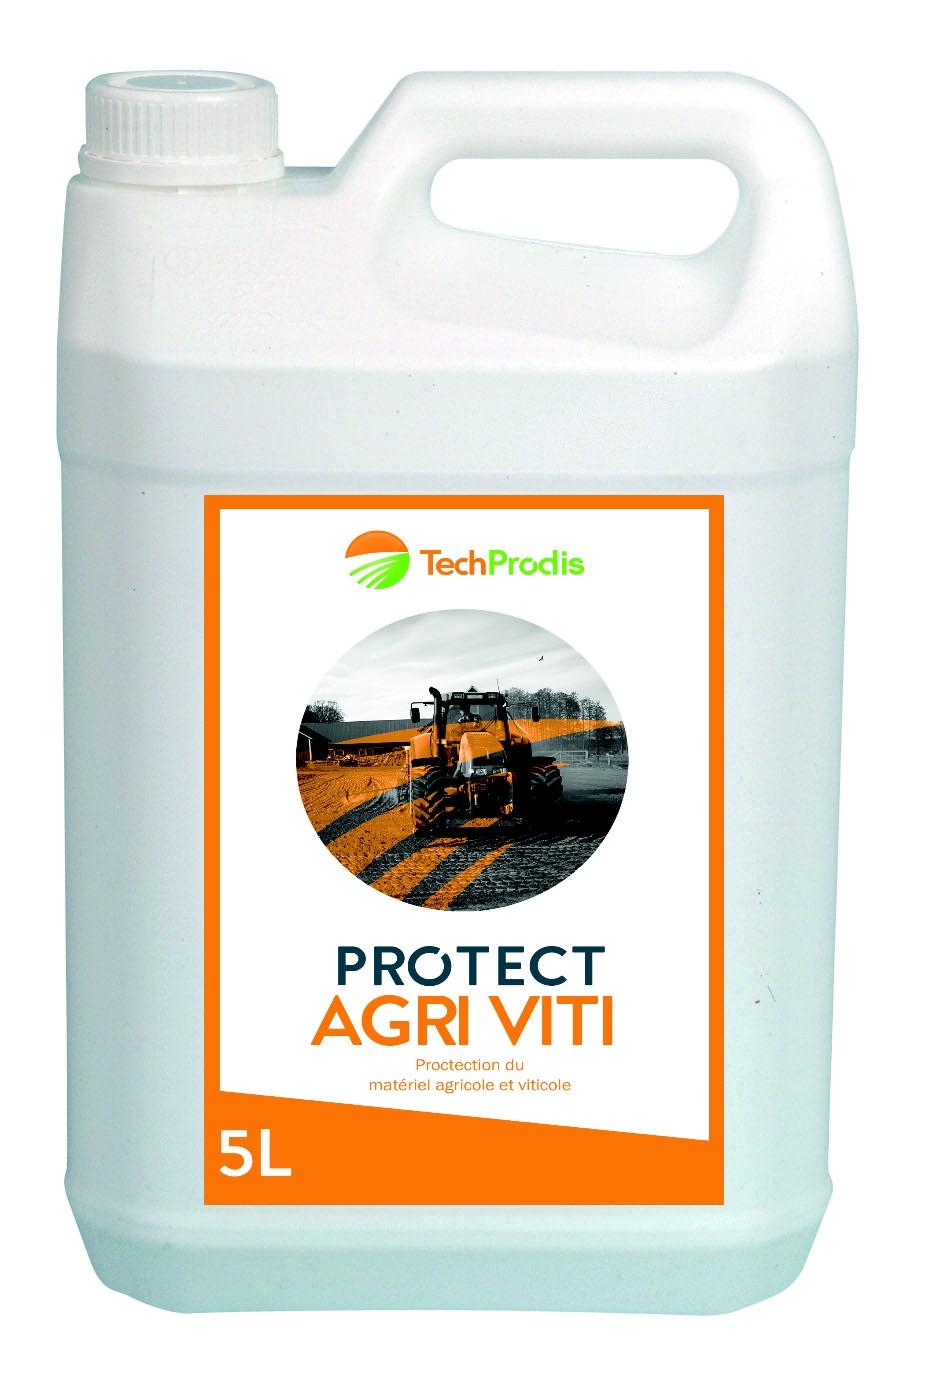 Illustration du produit : Protect Agri Viti